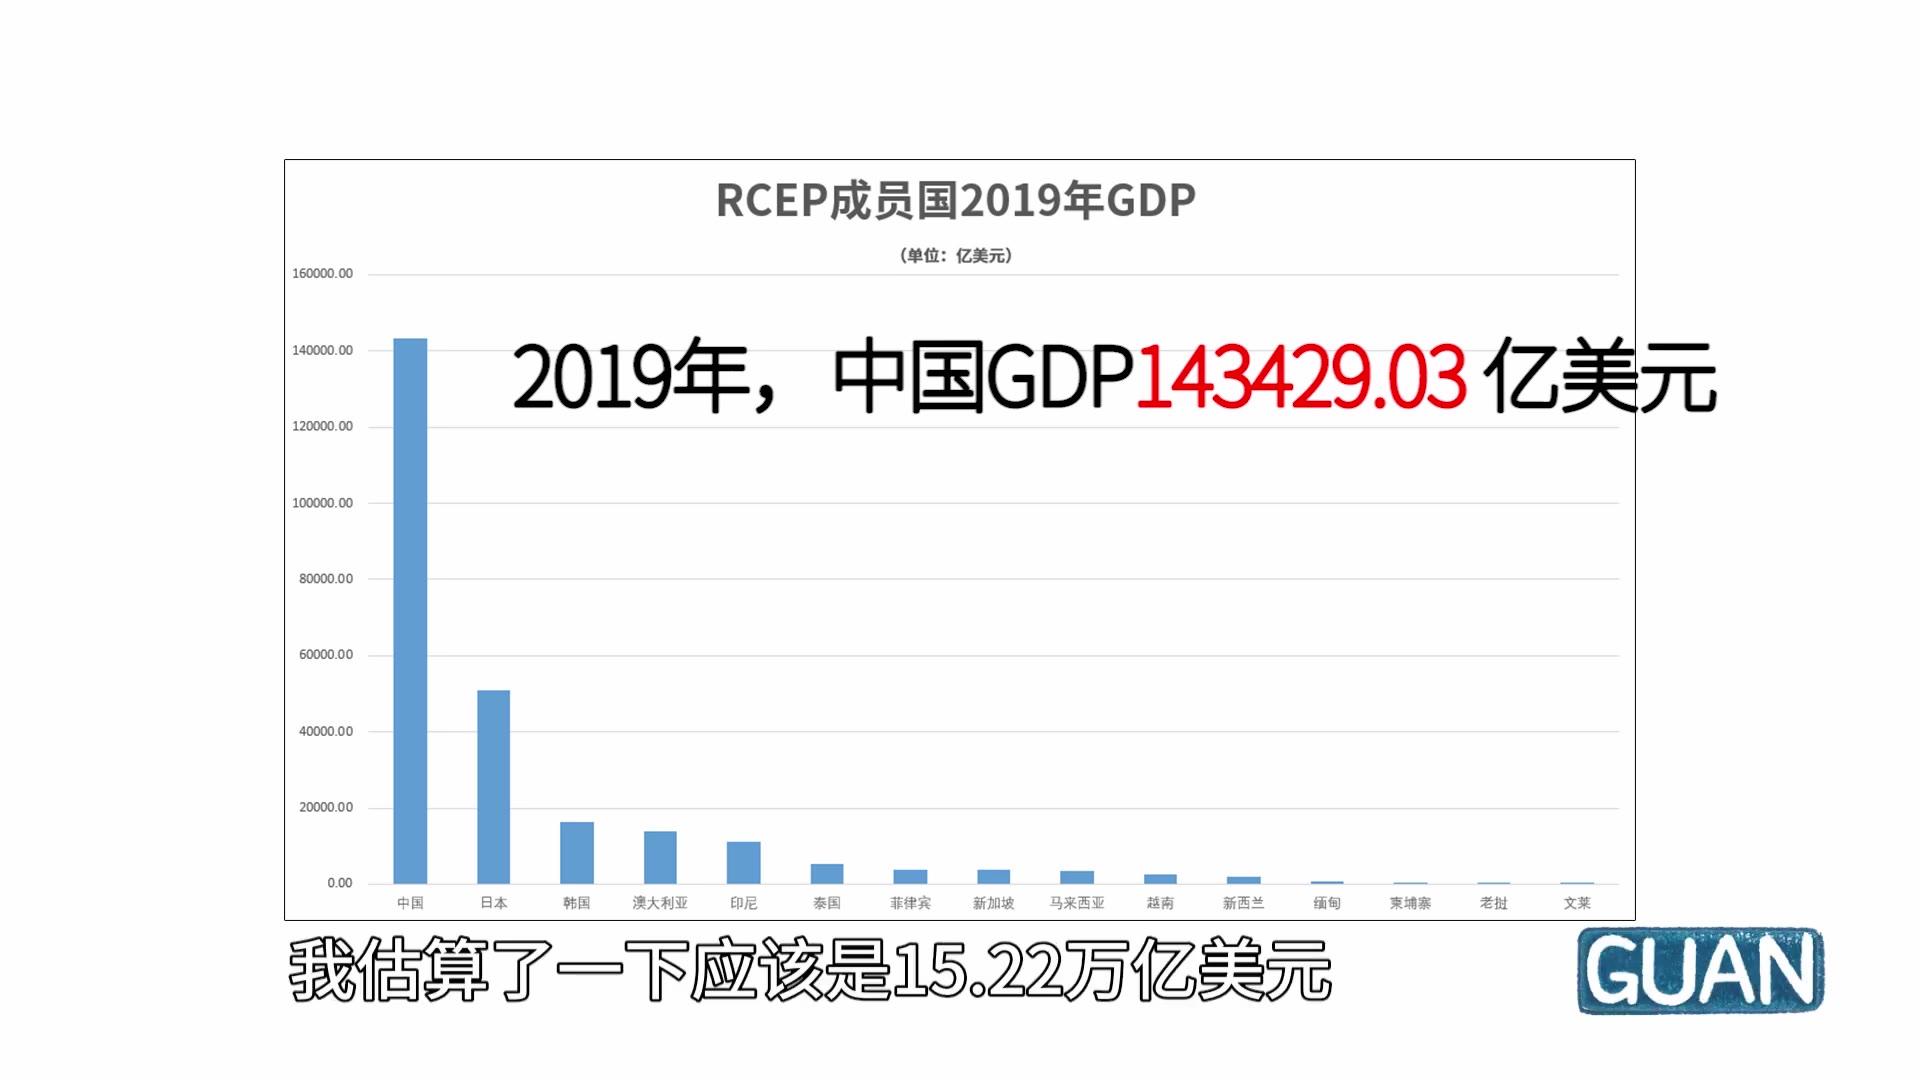 美国:十年了,我都想把中国从全球经济里叉出去!RCEP-现在梦醒了吗?